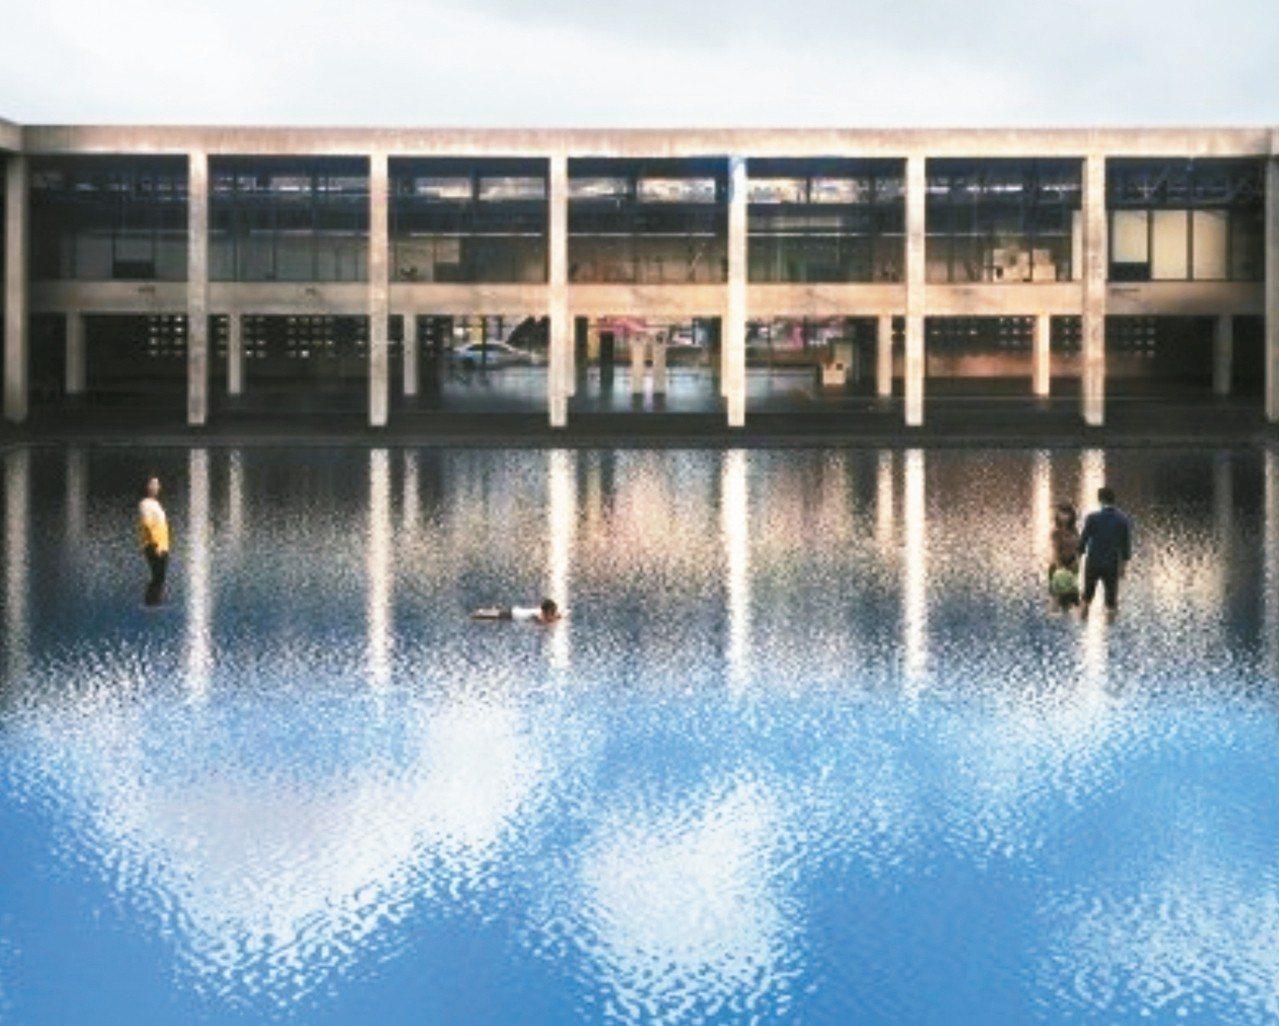 因金澤21世紀美術館「泳池」作品而聞名的厄里奇,今年也會在藝術祭推出新作。 圖/...